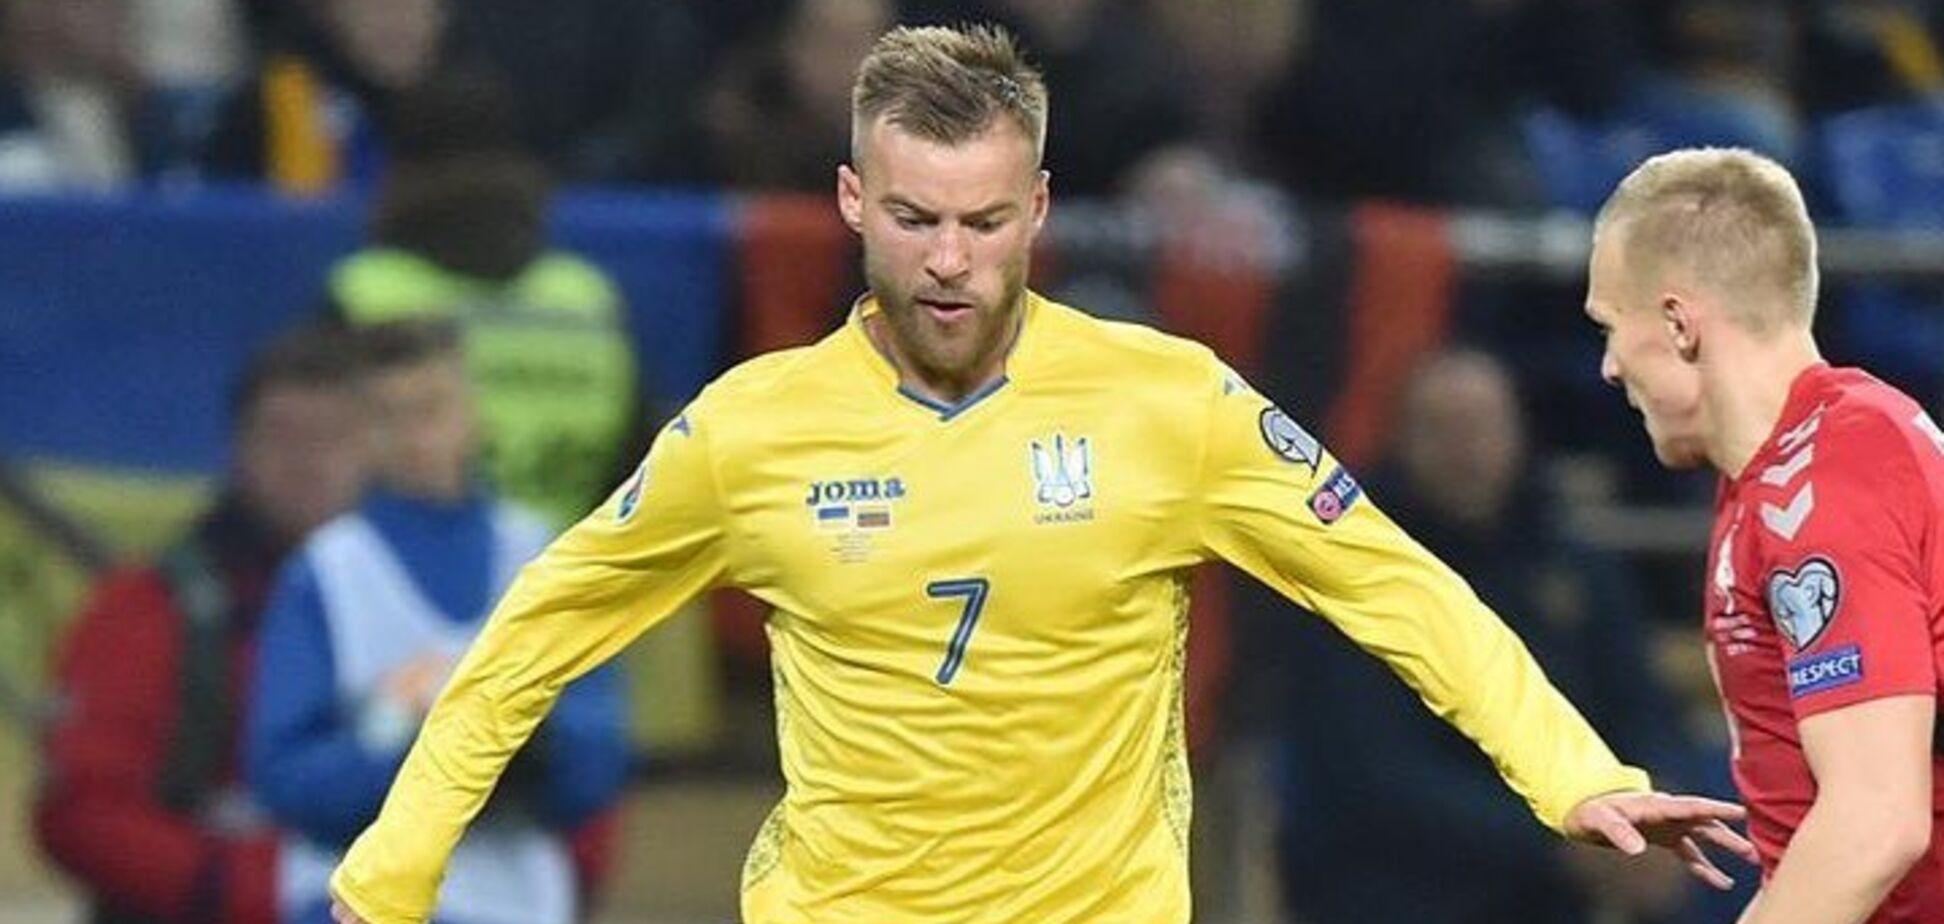 Ярмоленко - 30 лет: английский клуб эффектно поздравил украинца